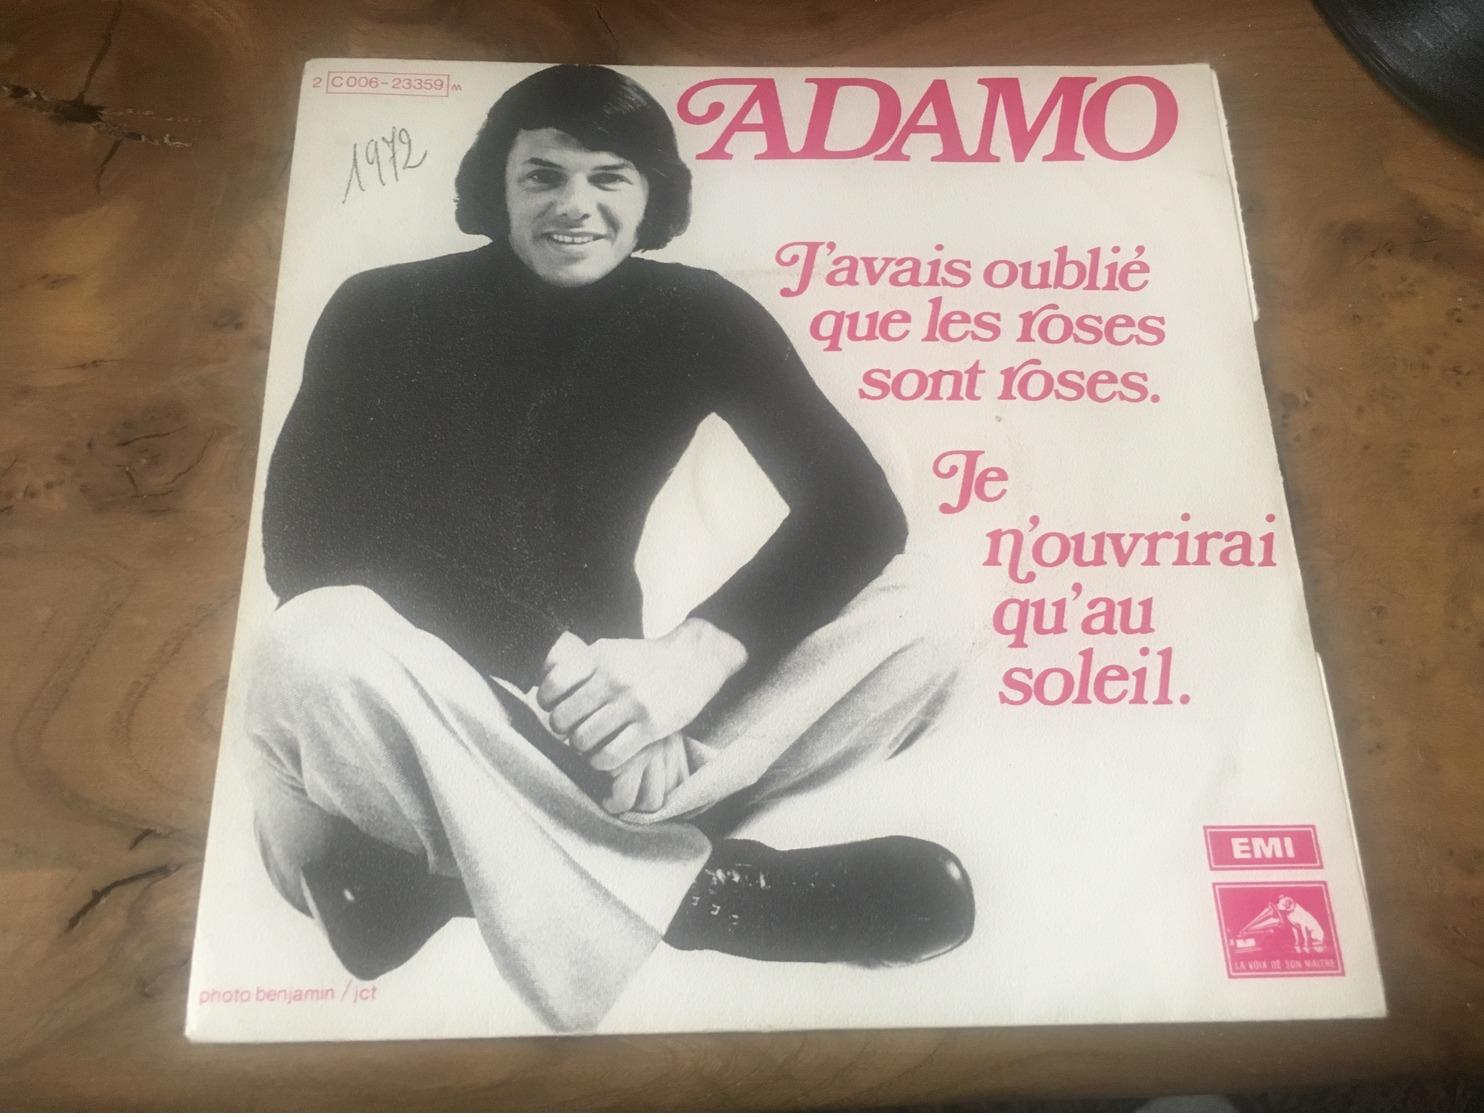 166/ ADAMO J AVAIS OUBLIE QUE LES ROSES SONT ROSES - Reggae